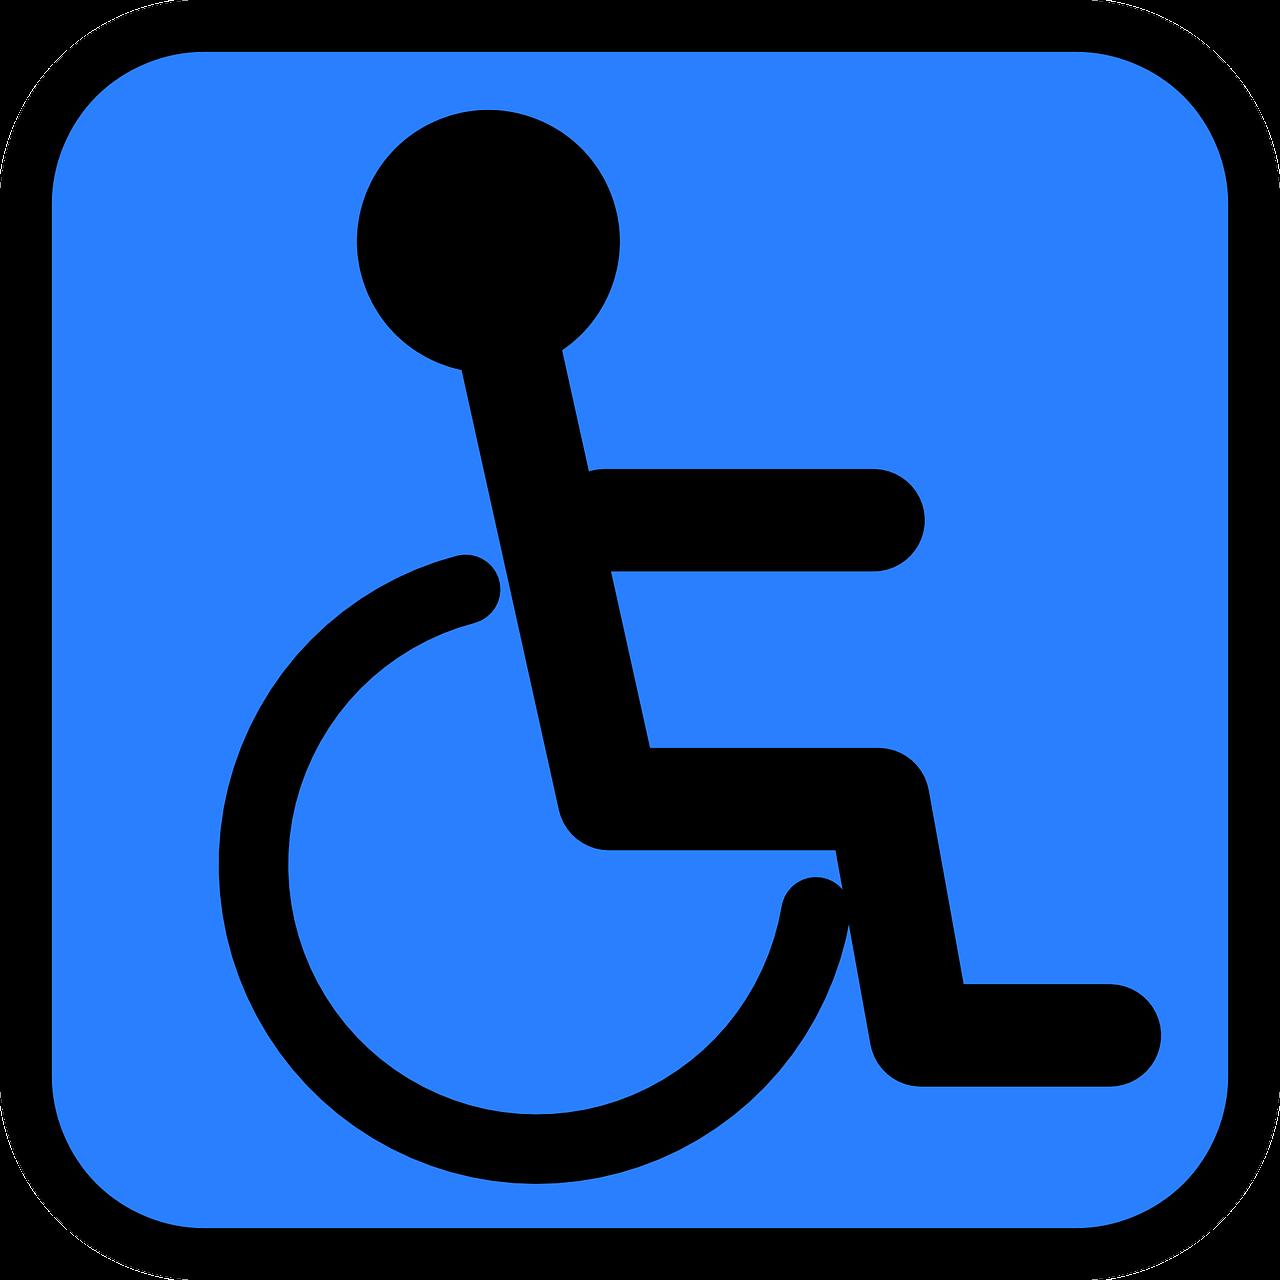 Mij.-Care Plus Zorg instellingen gehandicaptenzorg verstandelijk gehandicapten kliniek review